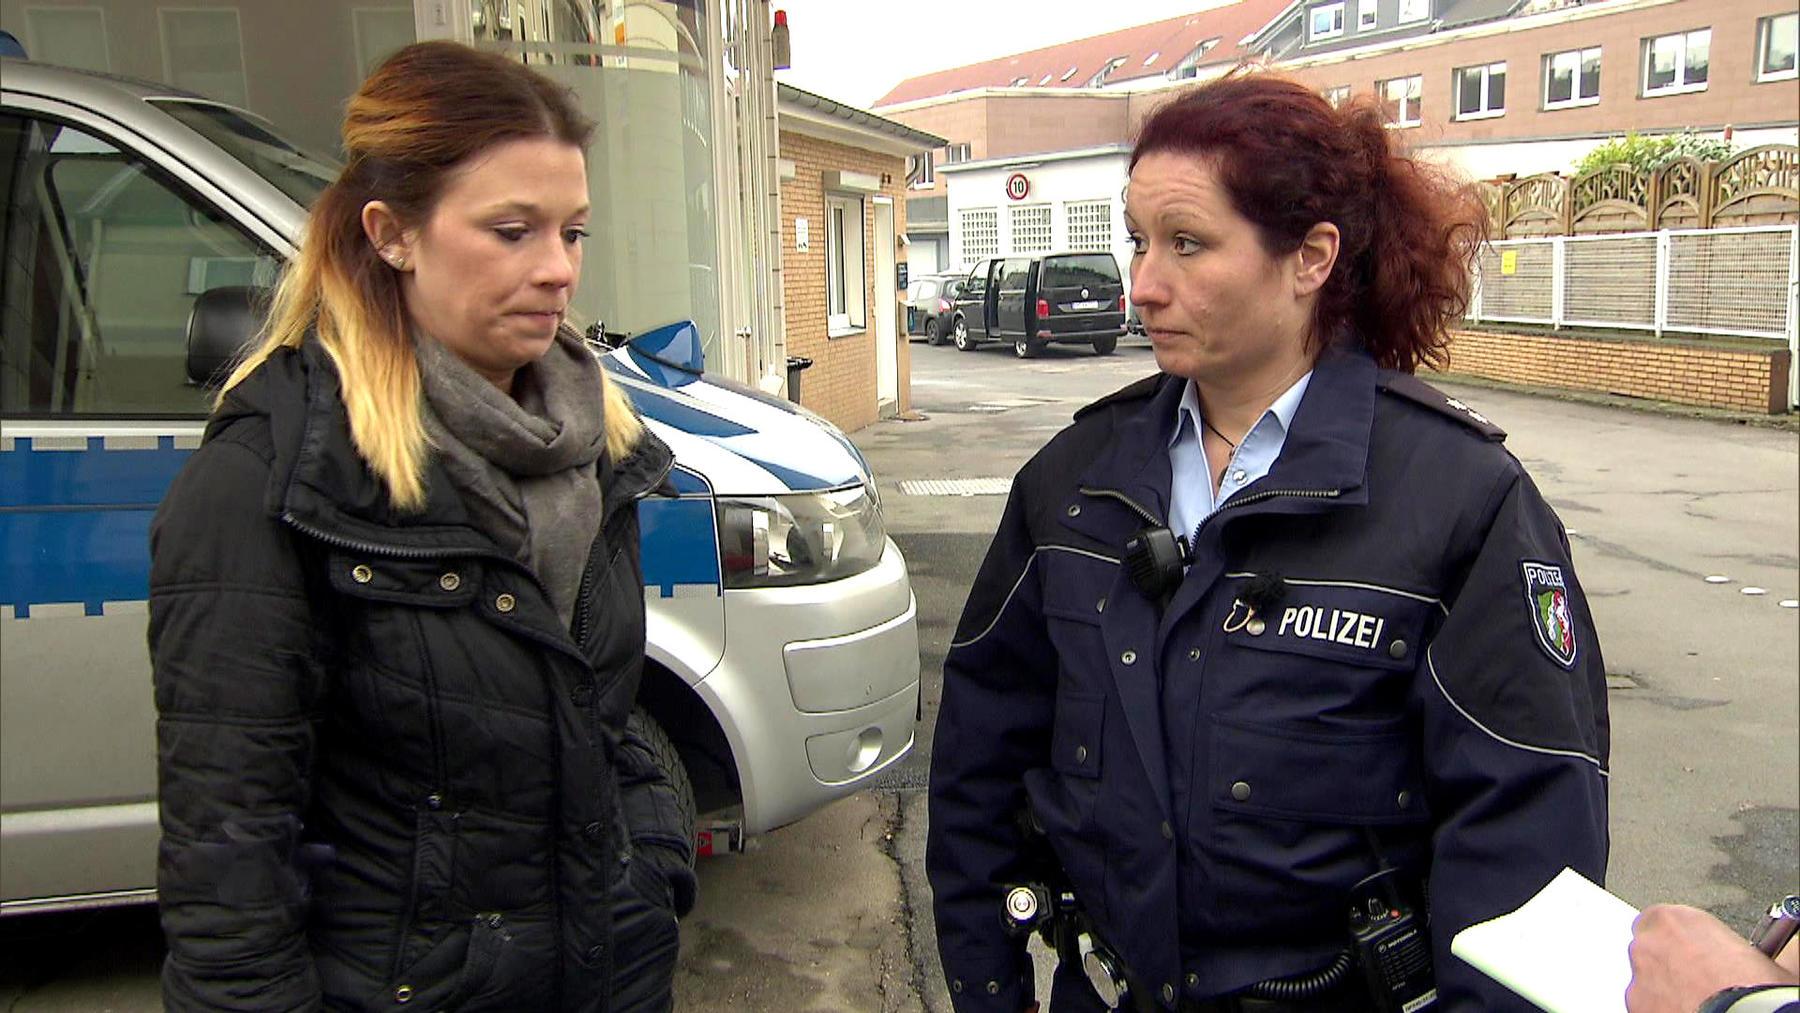 19-jähriges Camgirl wird in ihrer Wohnung überfallen   Baby wird entführt   Familienvater scheint grundlos auszurasten   Auf Kioskbesitzer wird mit Gaswaffe geschossen   Folge 2